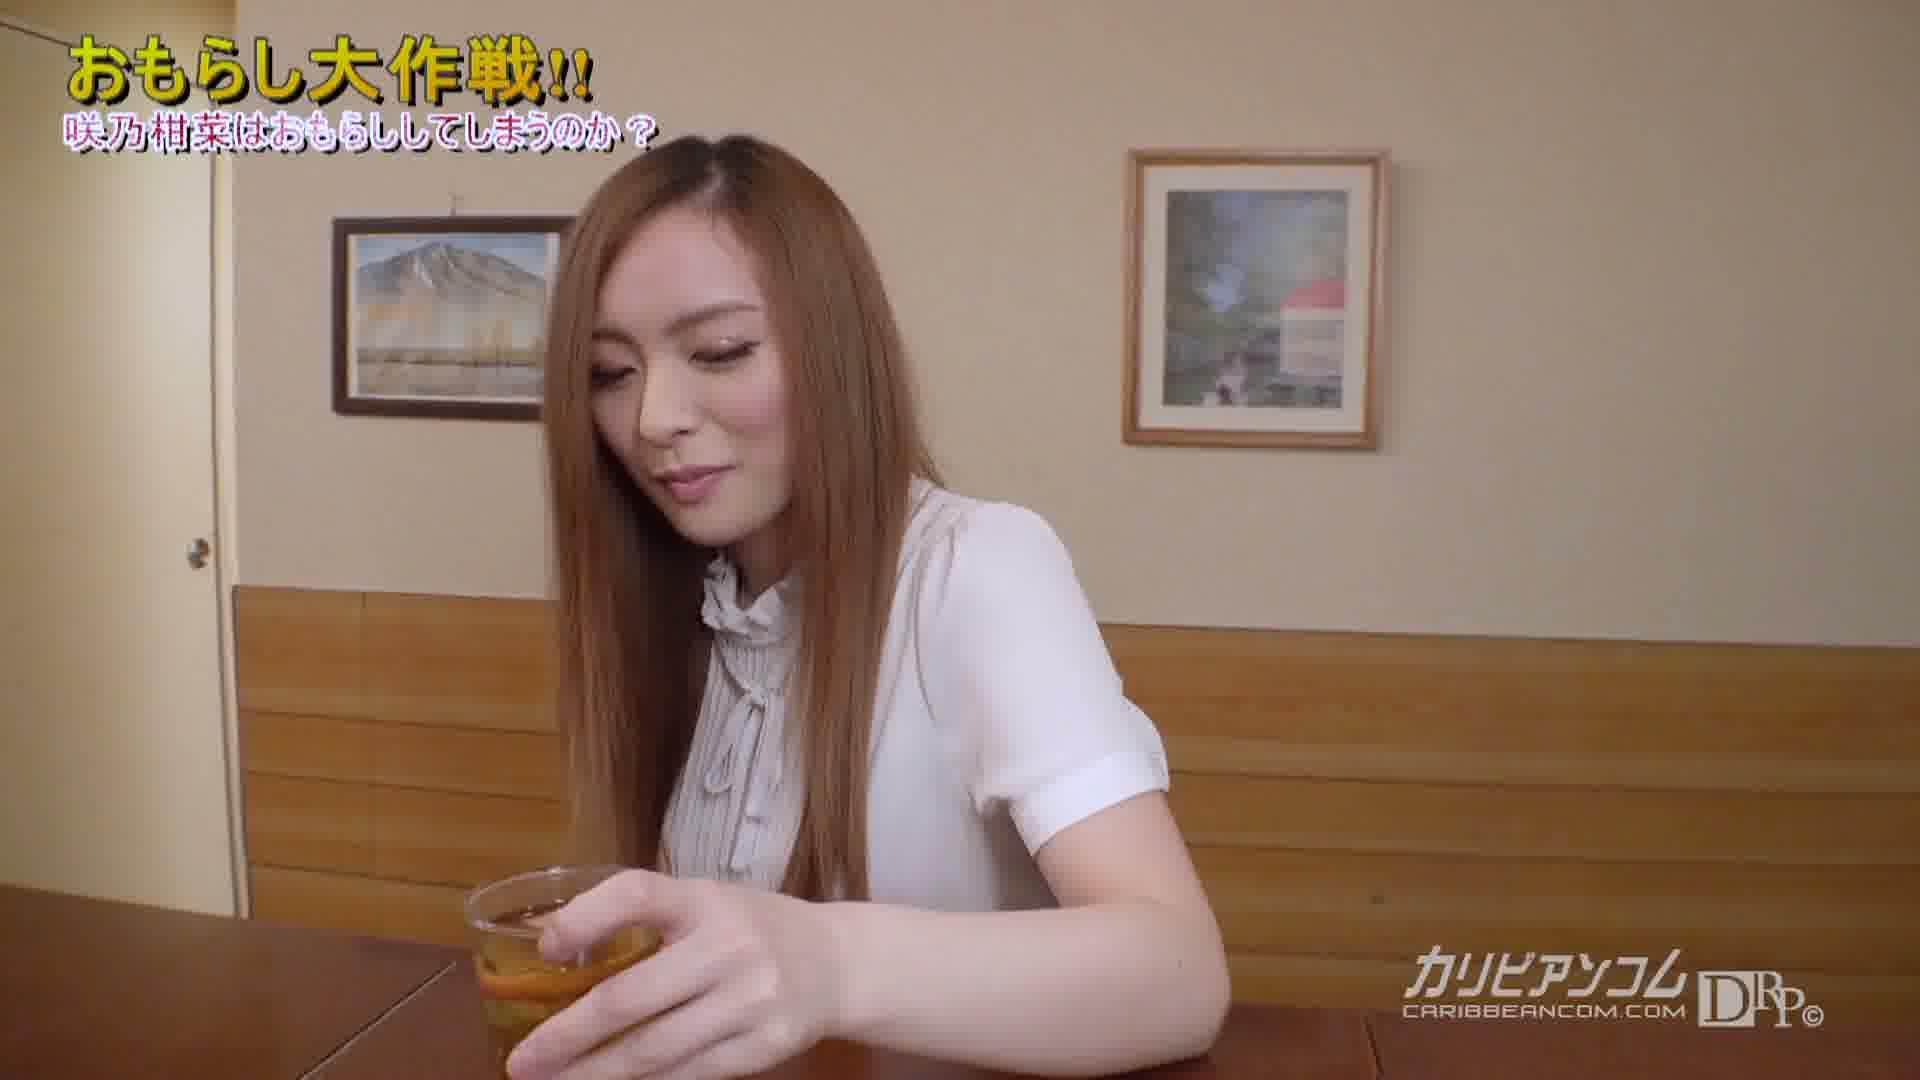 THE 未公開 ~恥じらいのお漏らし大作戦4~ - 咲乃柑菜【ギャル・美乳オナニー】